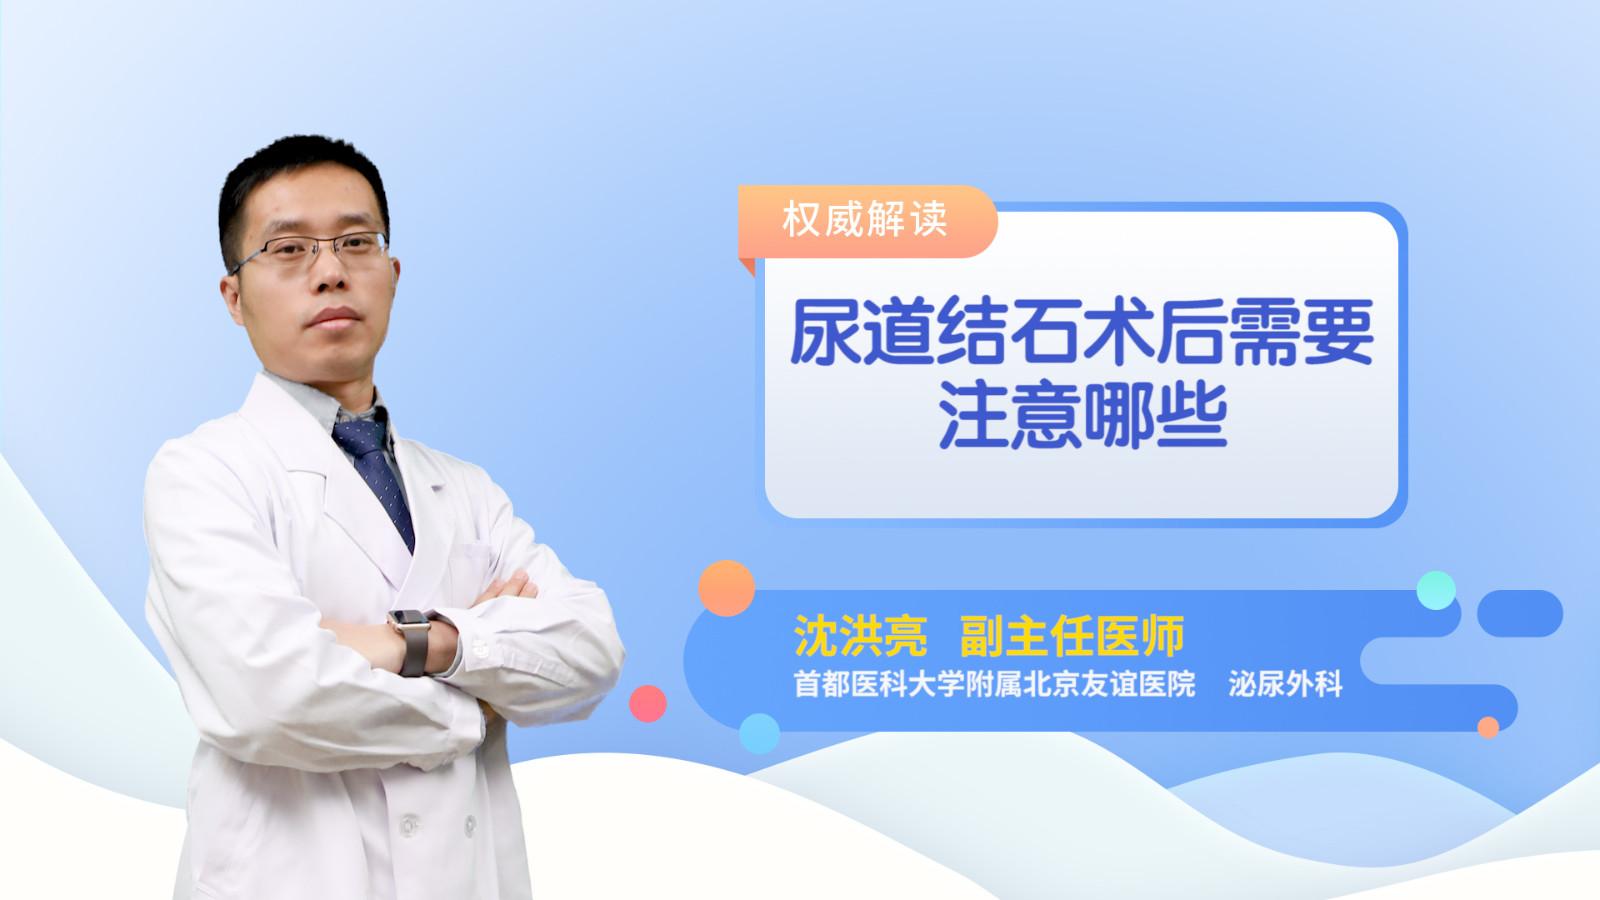 尿道结石术后需要注意哪些